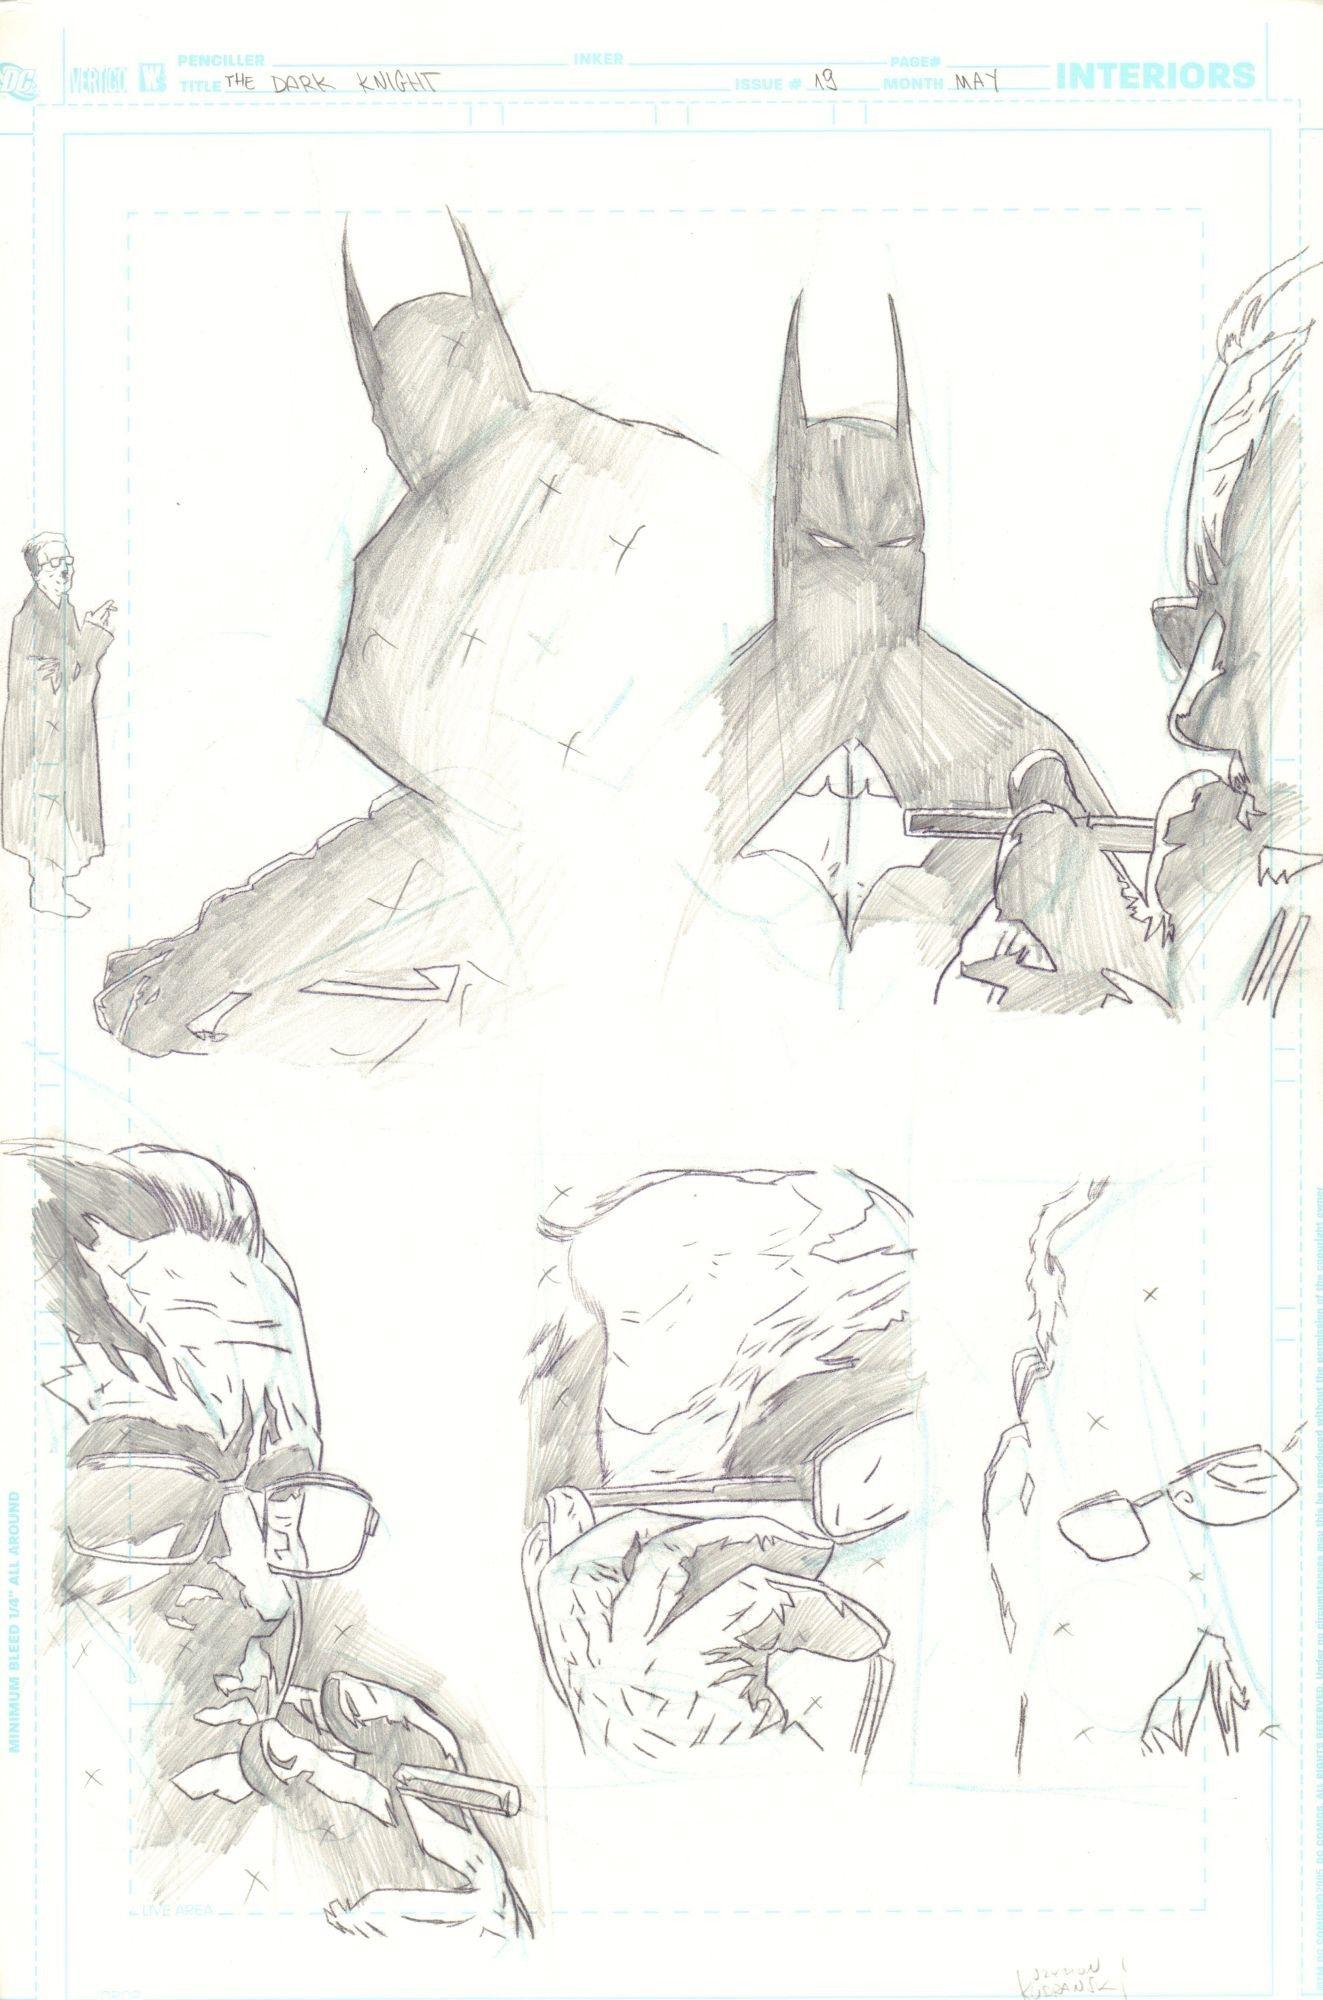 Batman: The Dark Knight #19 / 18-19